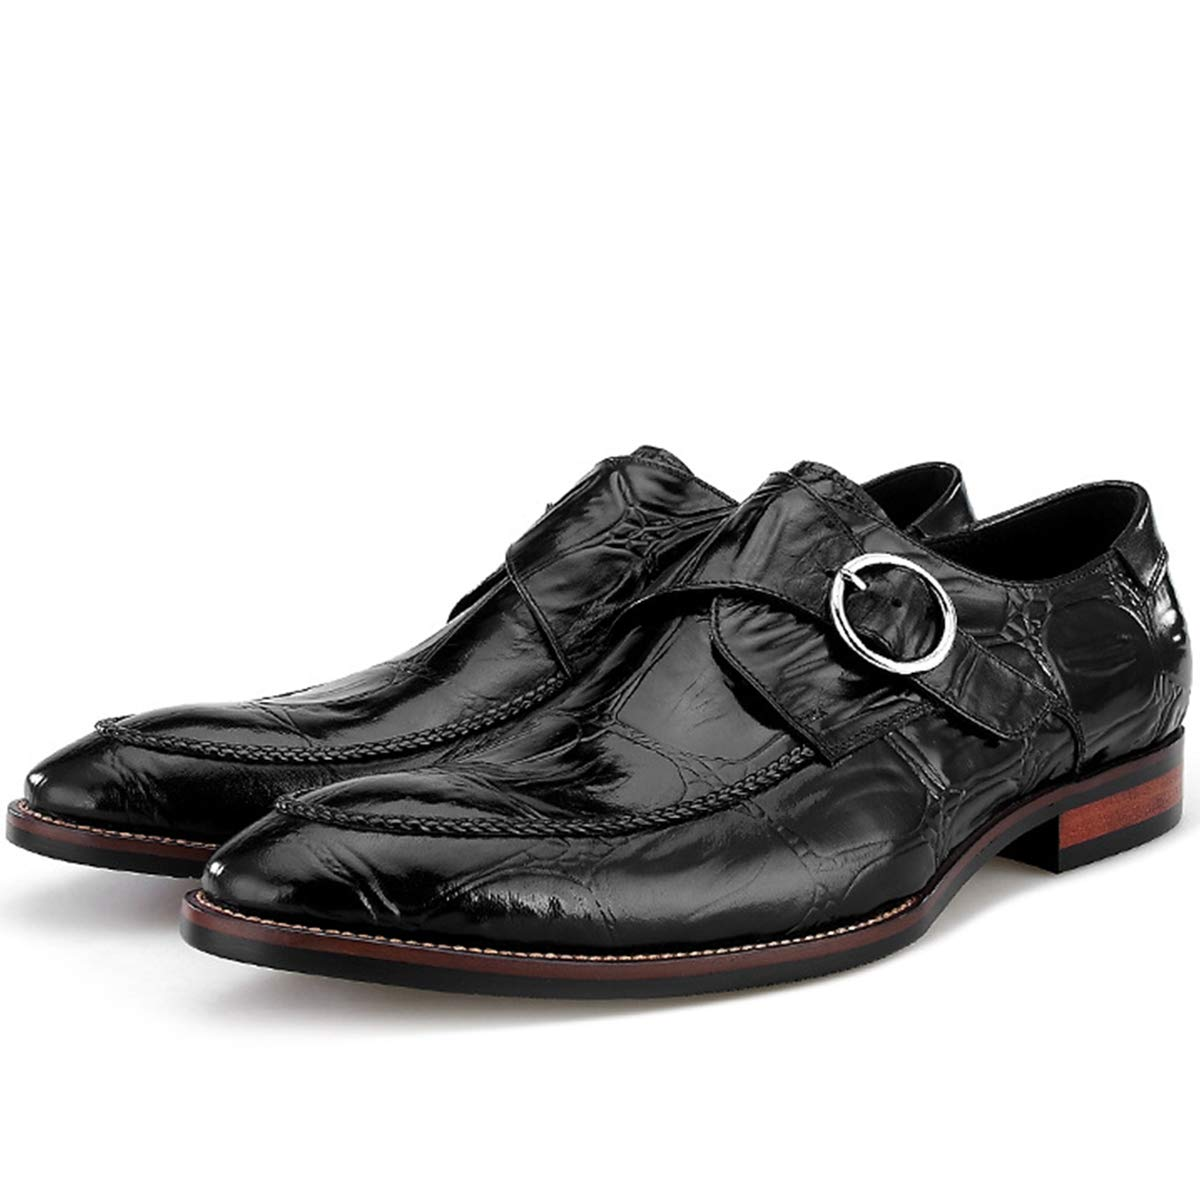 XWQYY Herren Business Schuhe Leder Gepr/ägtes Krokopr/ägung Spitz Schnalle Erste Schicht Leder Hochzeitsschuhe,Black-38EU